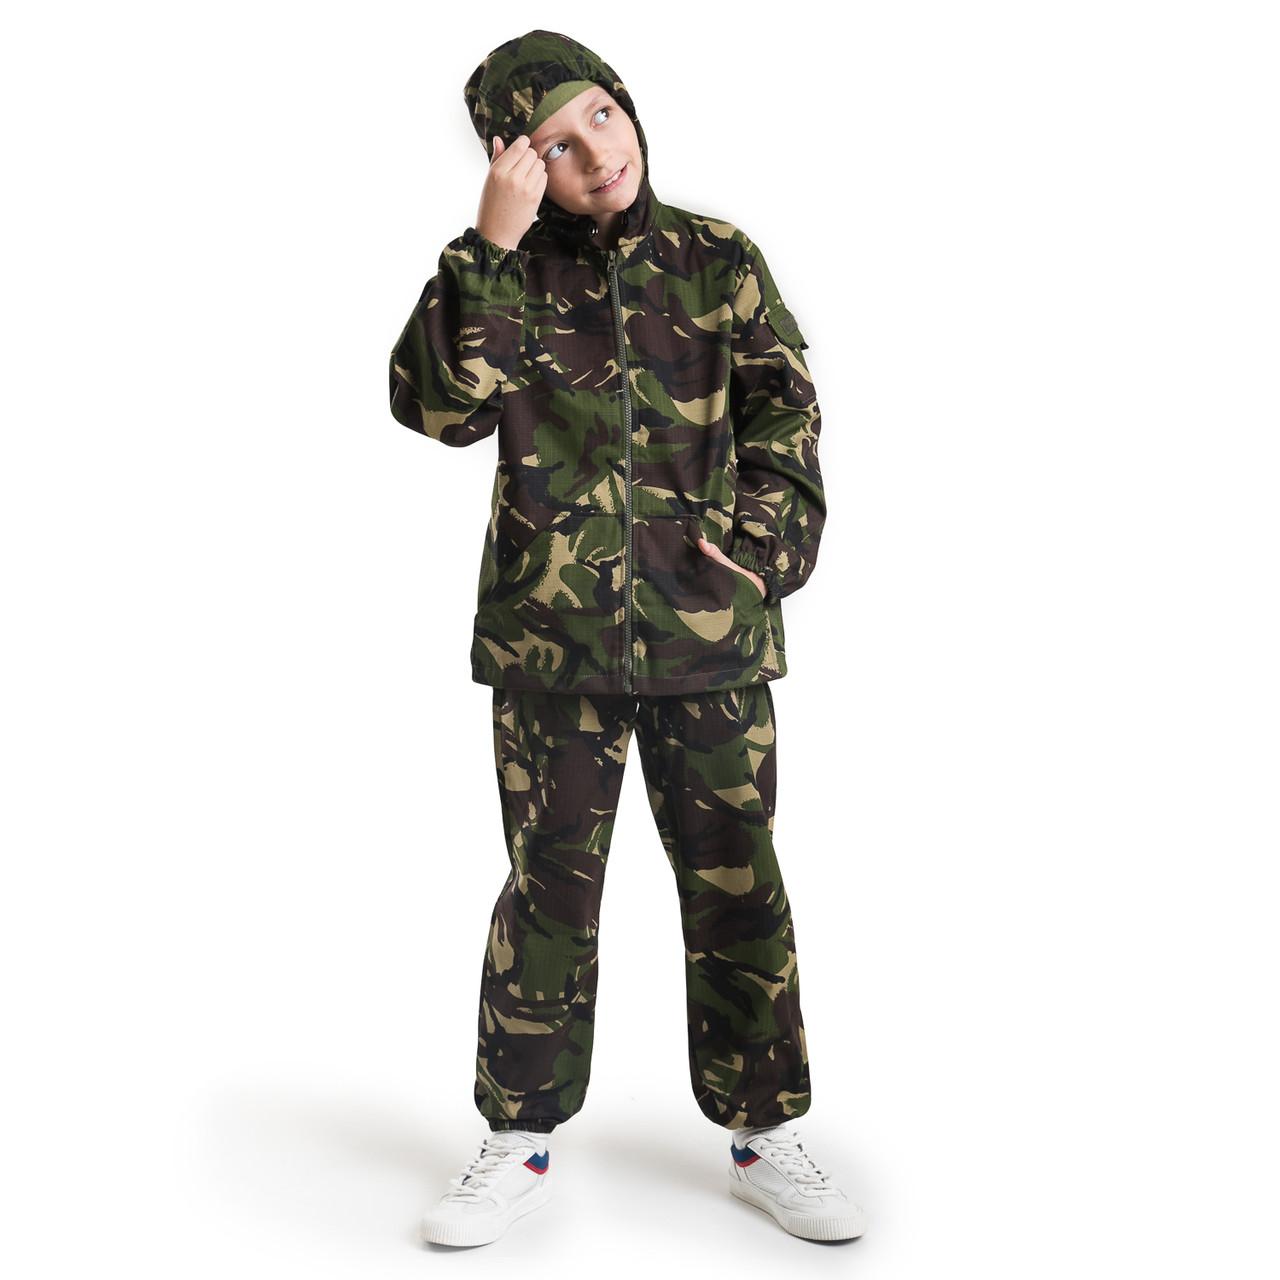 Детский камуфляж костюм для мальчиков Лесоход цвет DPM